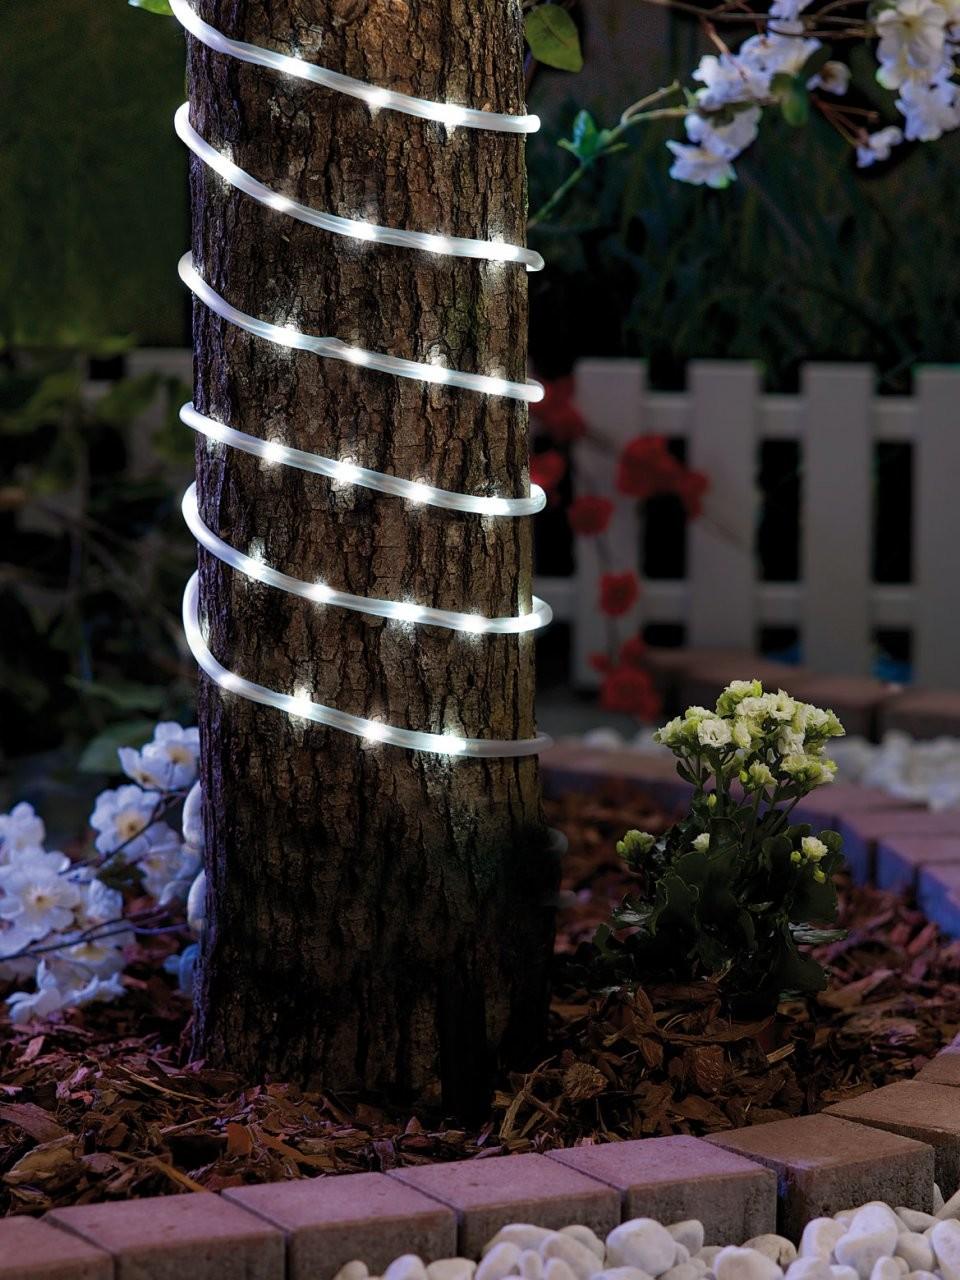 Guirlande tube souple led tanche pour jardin 20m for Guirlande jardin led